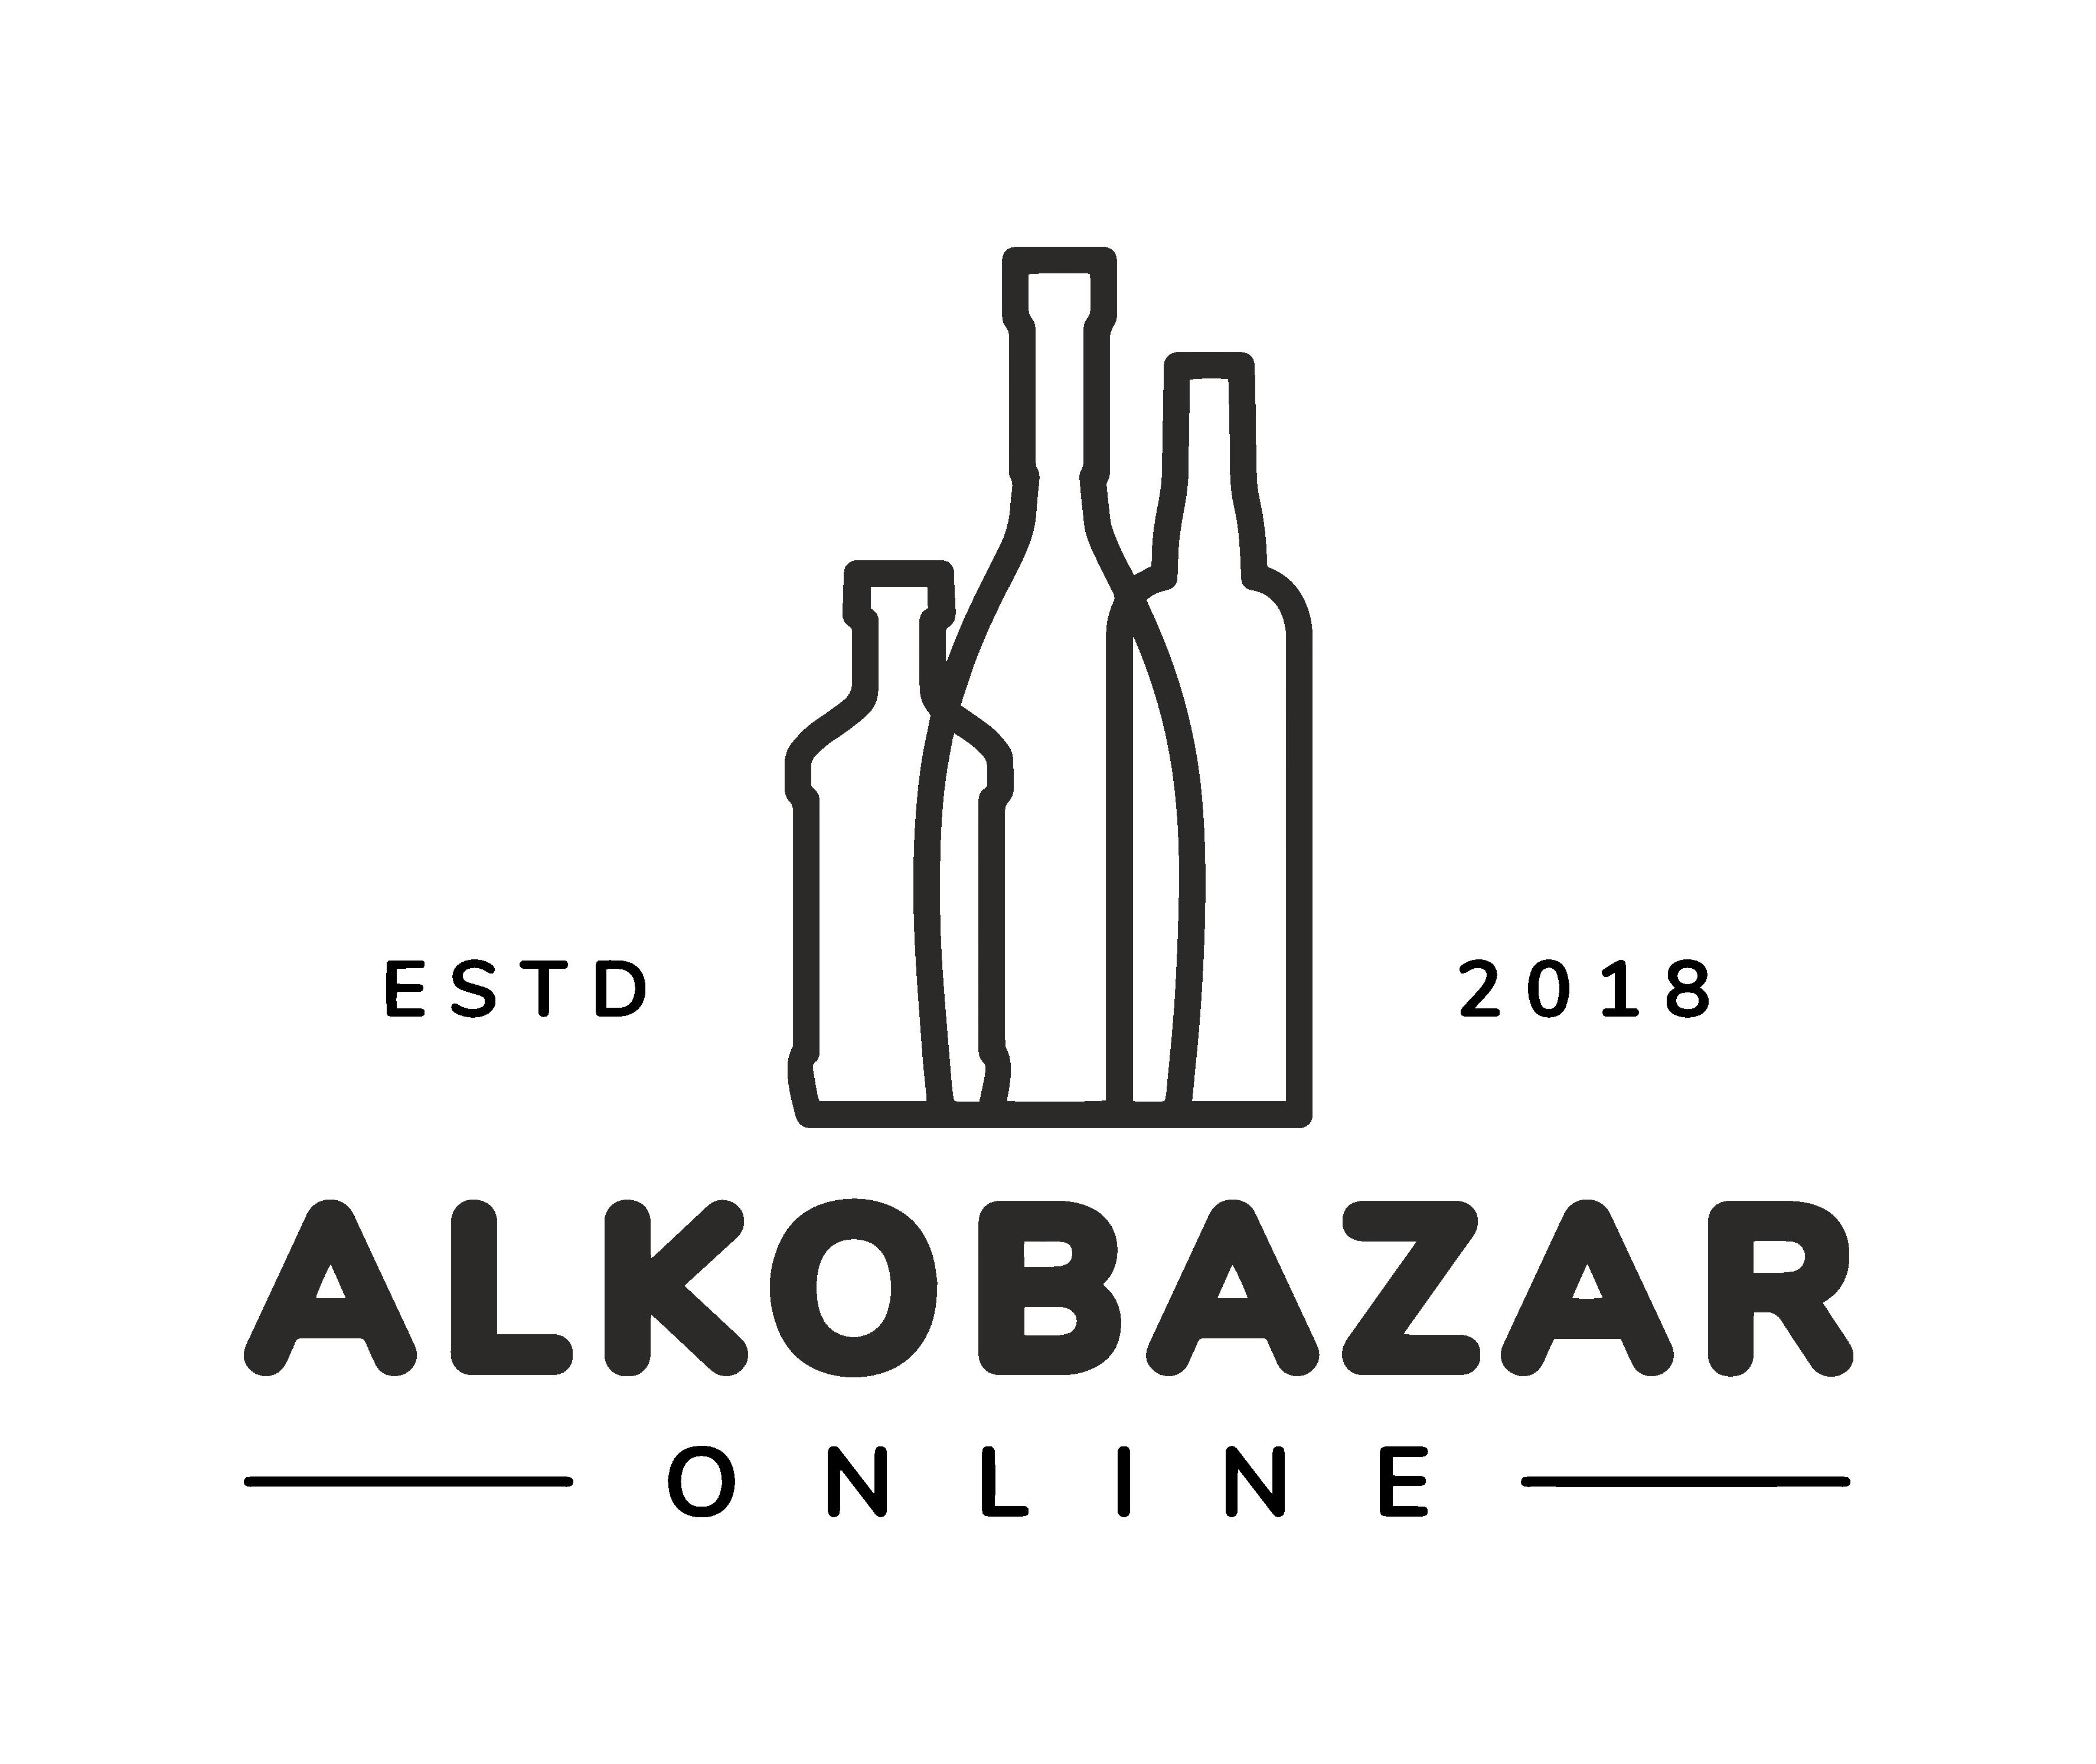 ALKOBAZAR.sk